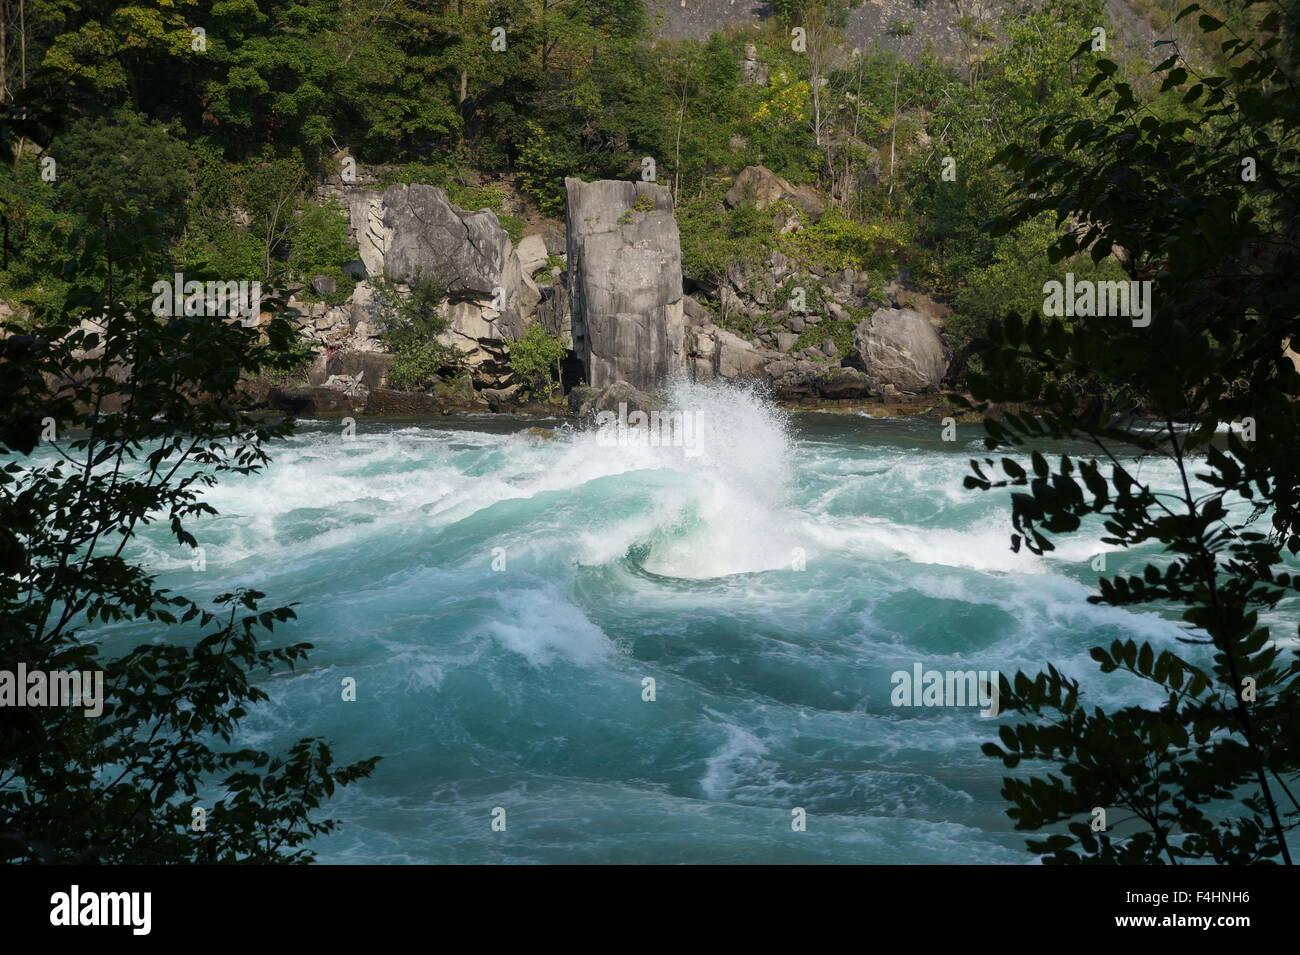 Walk In Whirlpool Bathtub